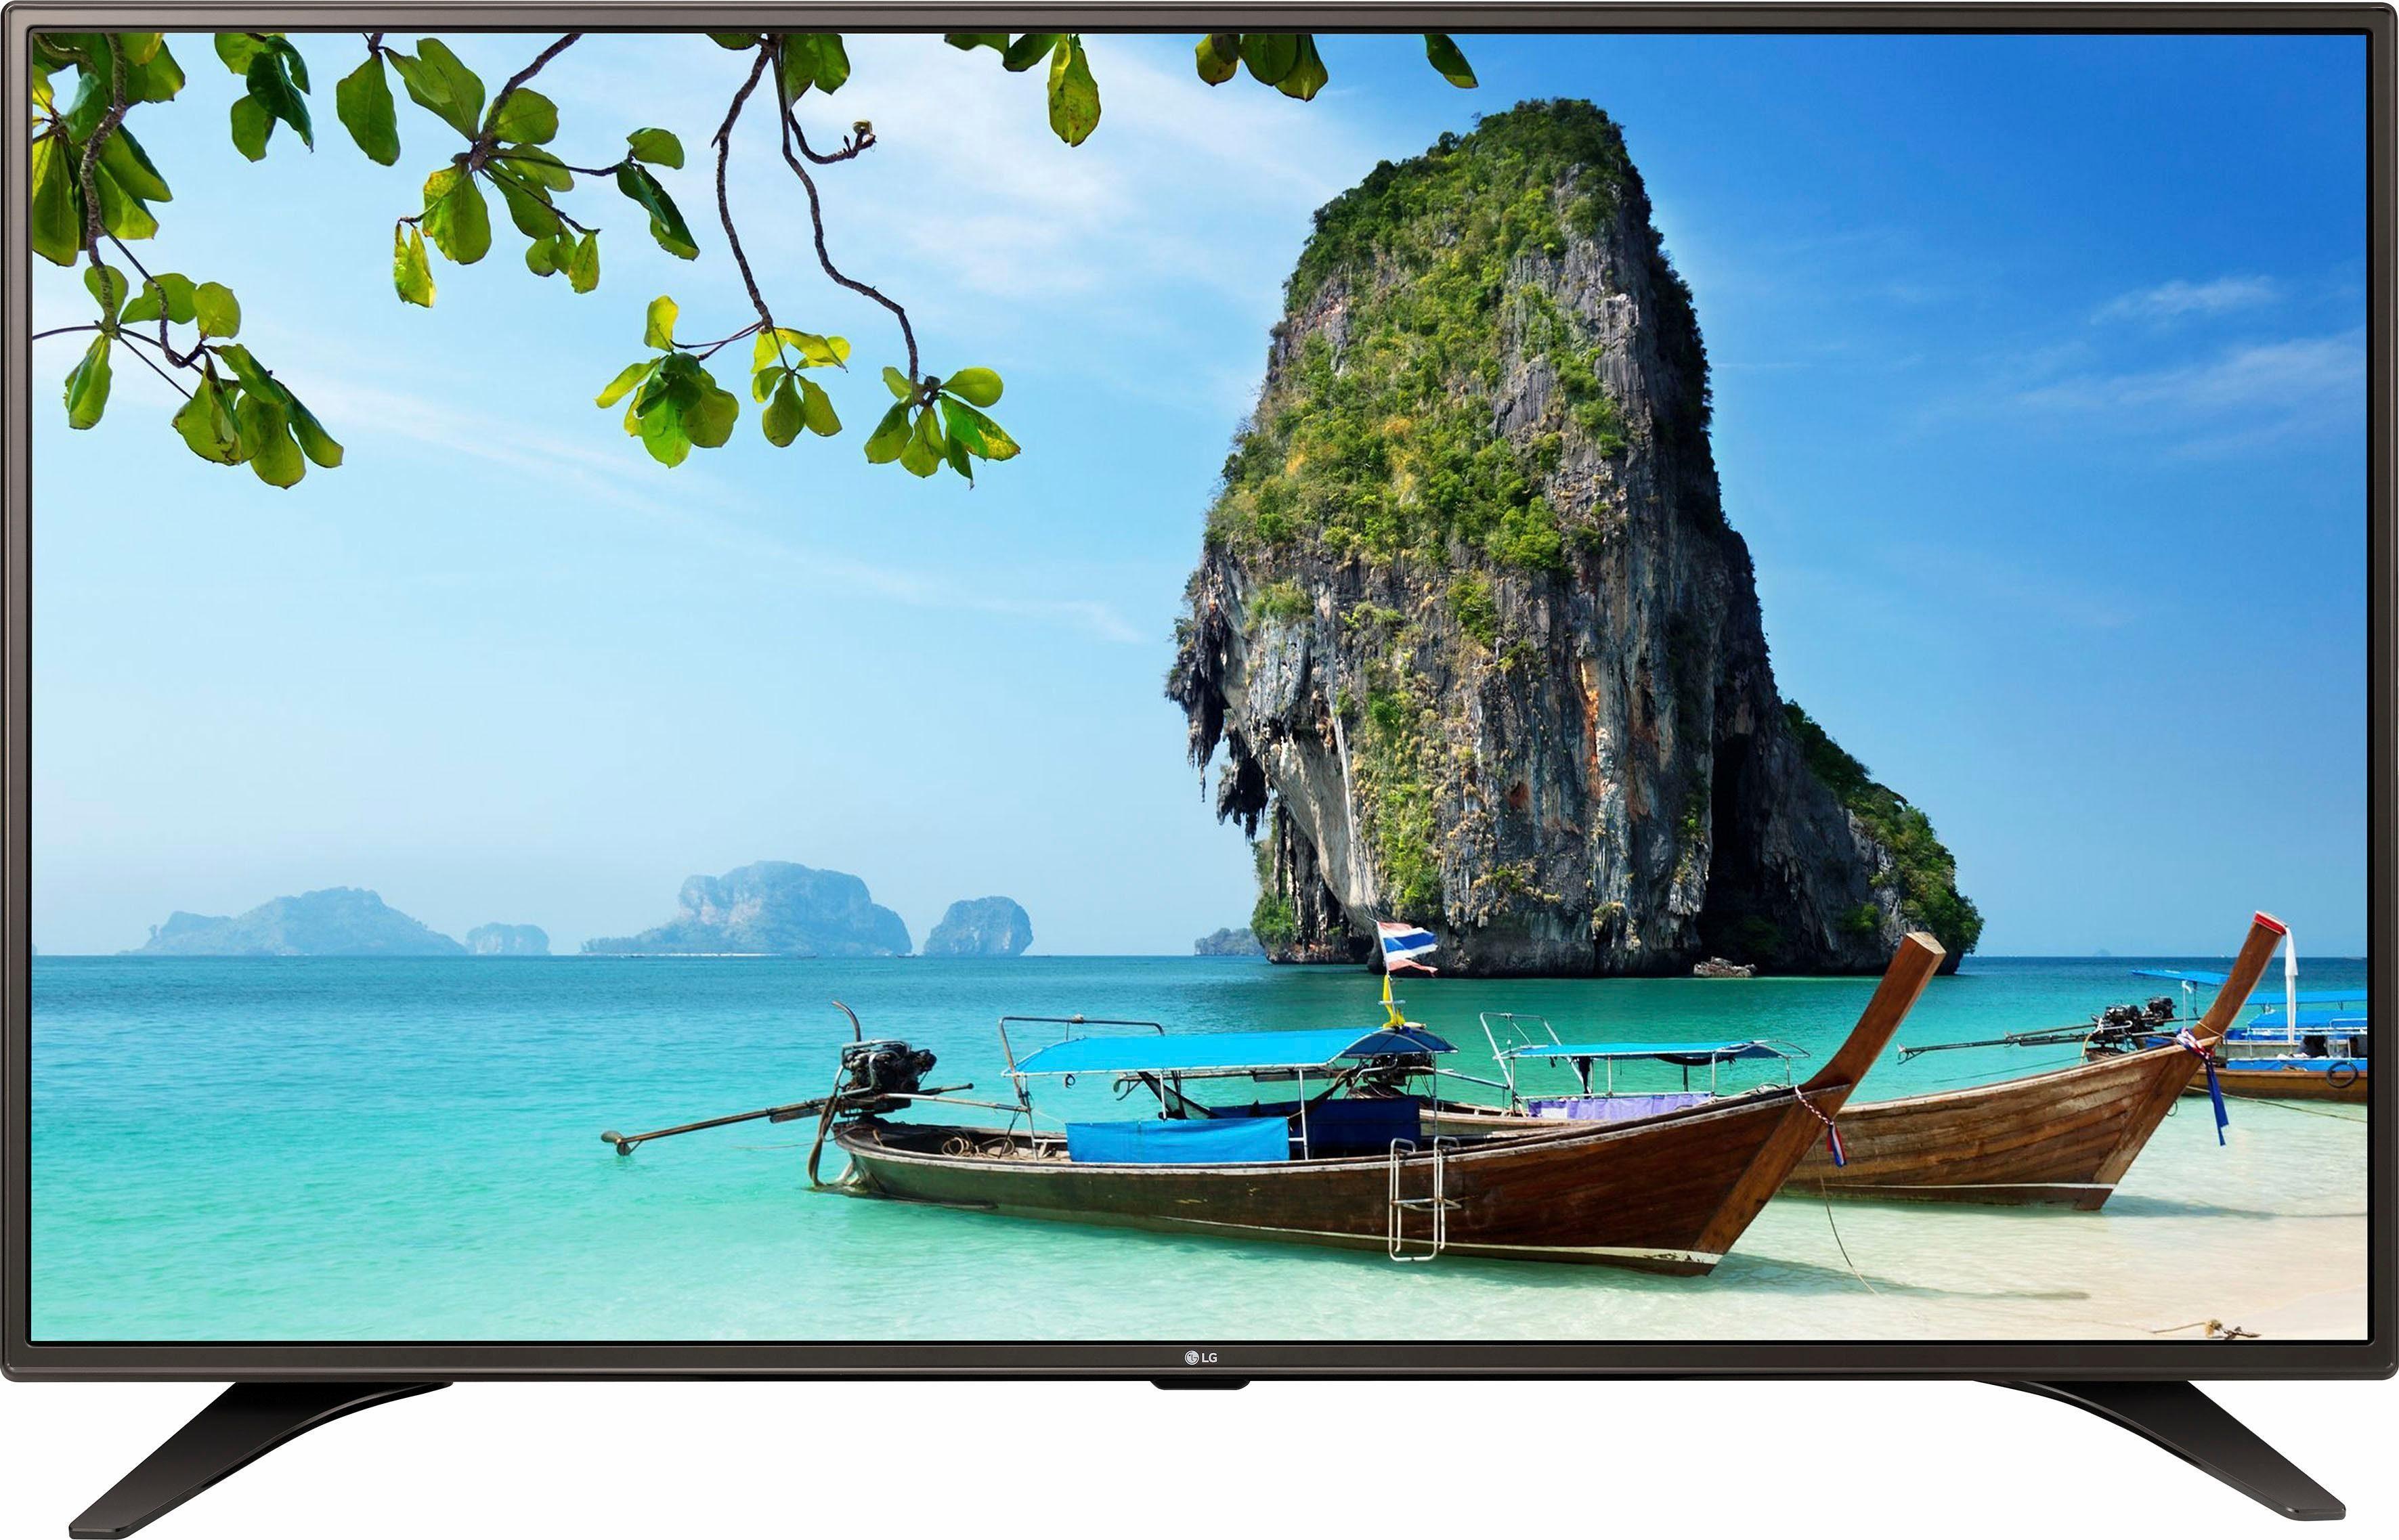 LG 55LJ615V LED Fernseher (139 cm / 55 Zoll, Full HD, Smart-TV)